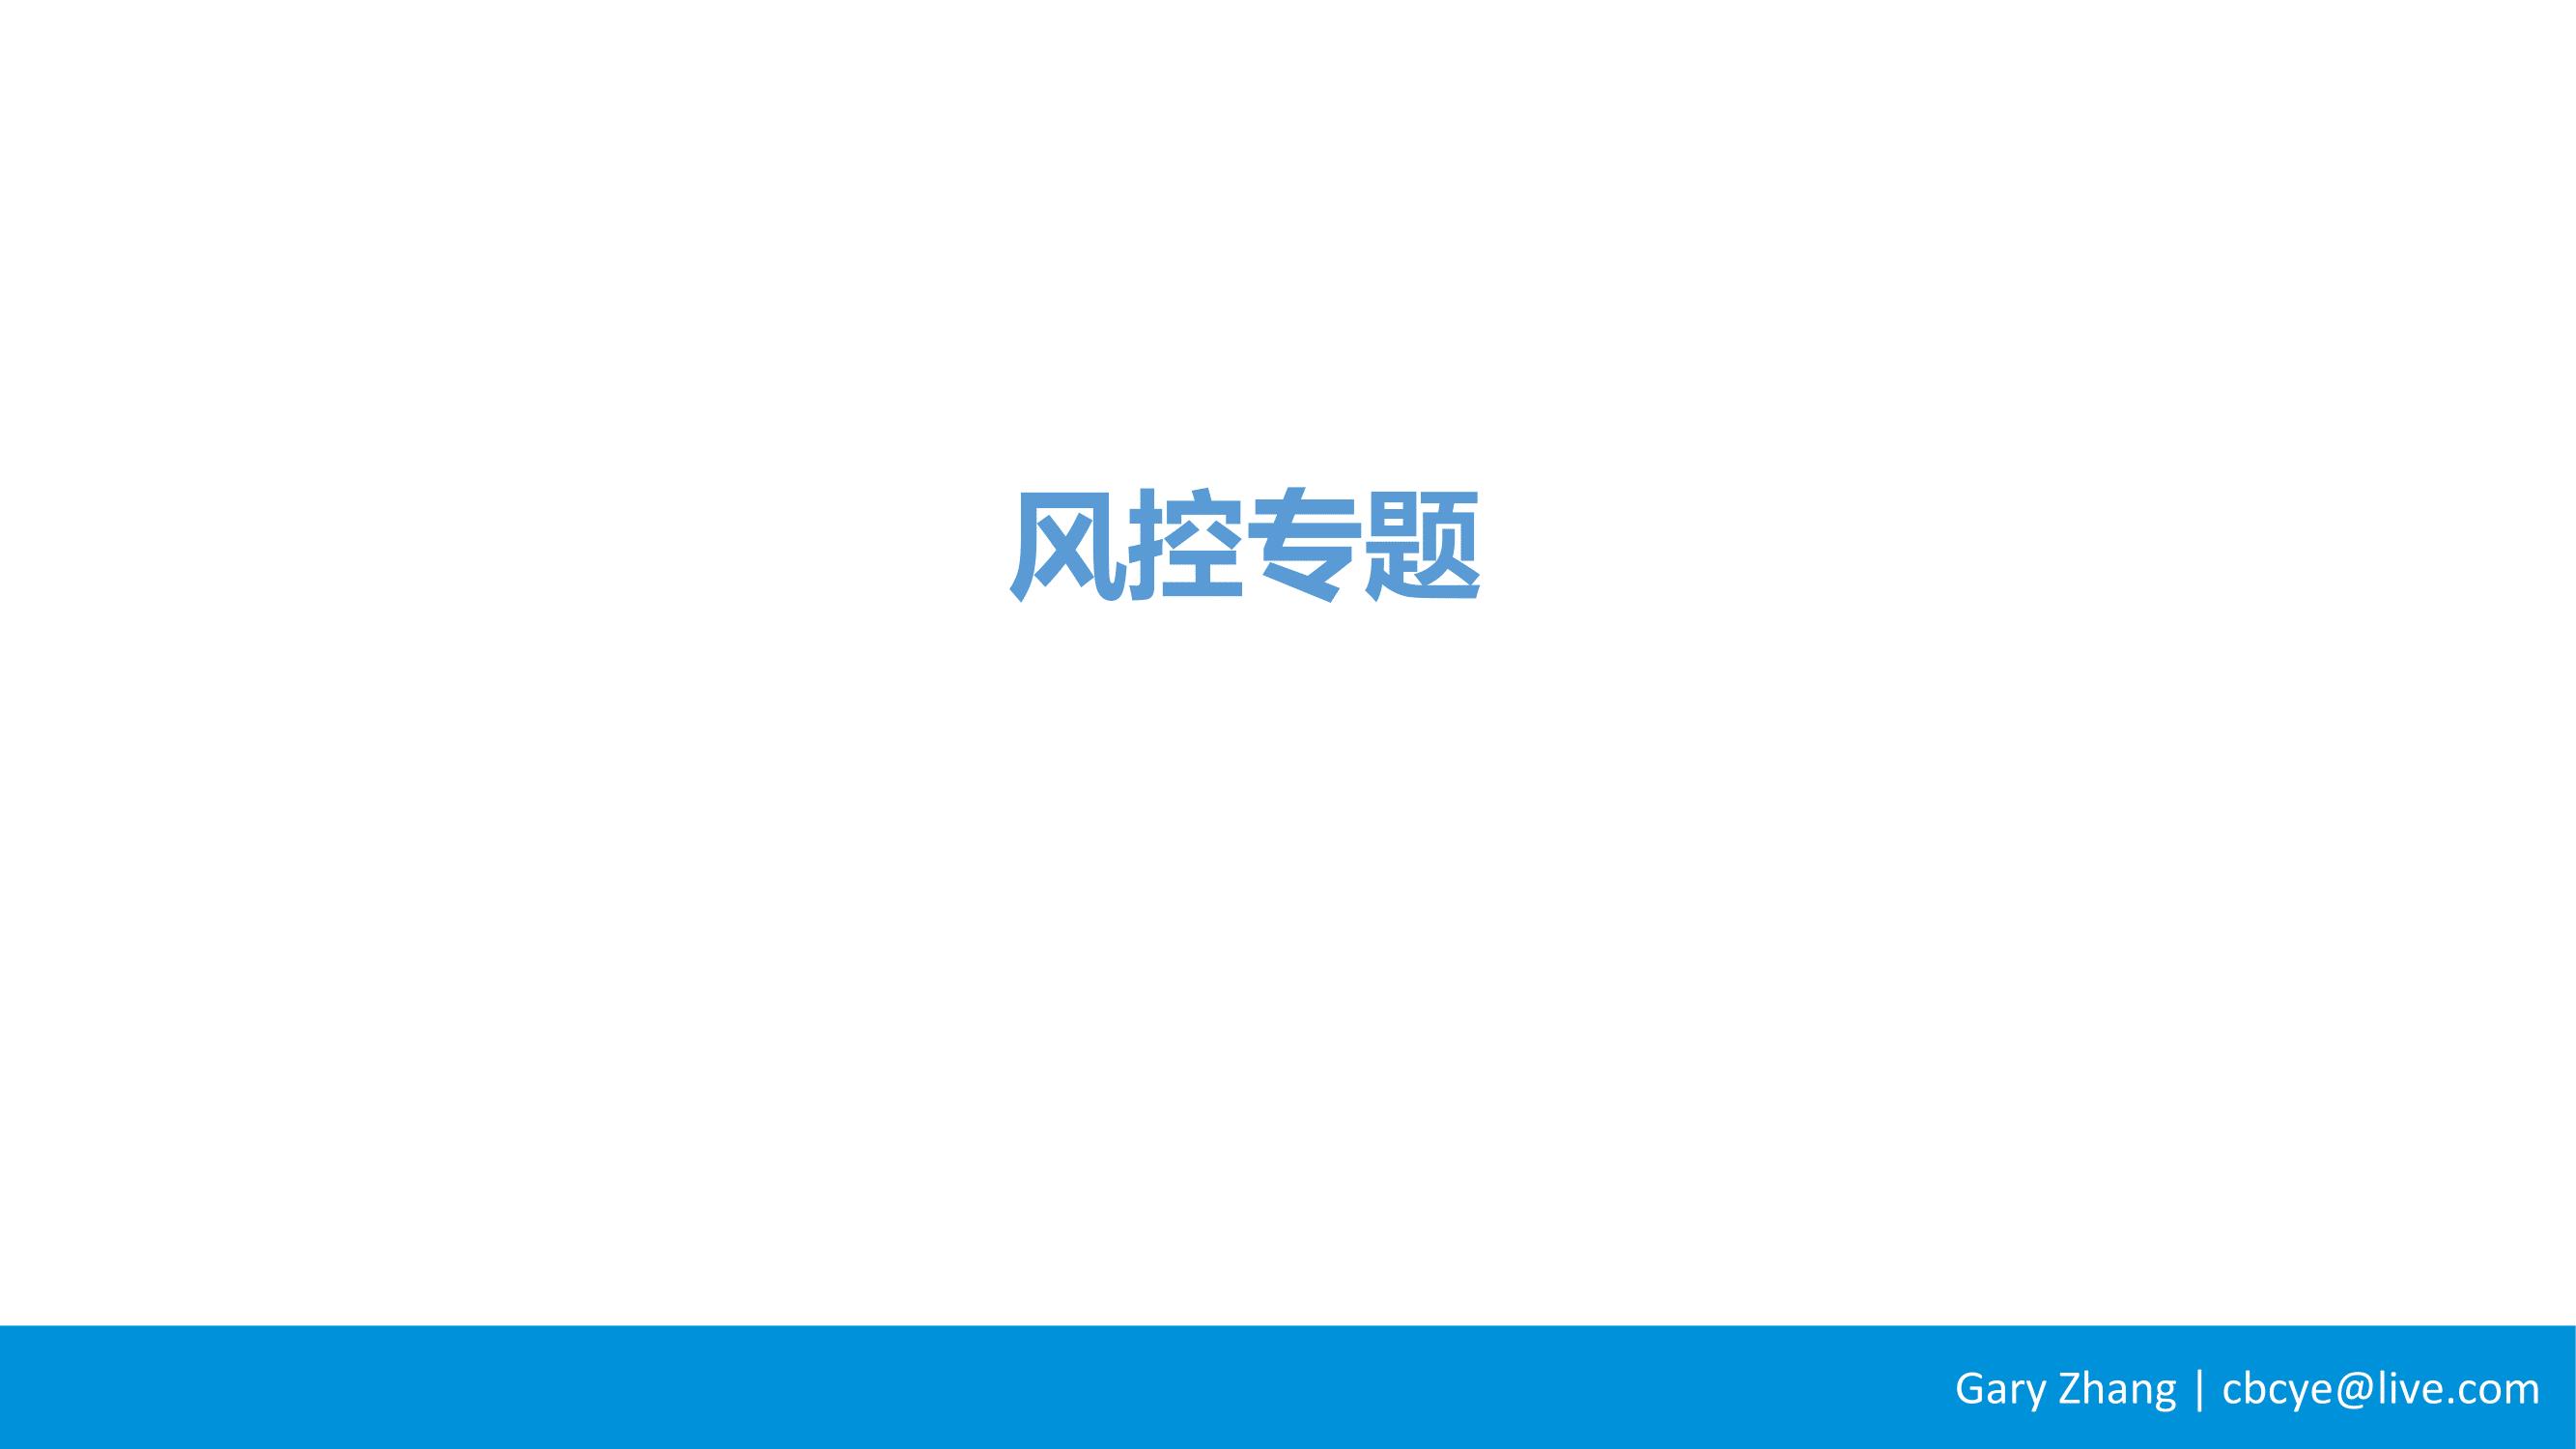 消费金融业务全流程指南_v1.0-080